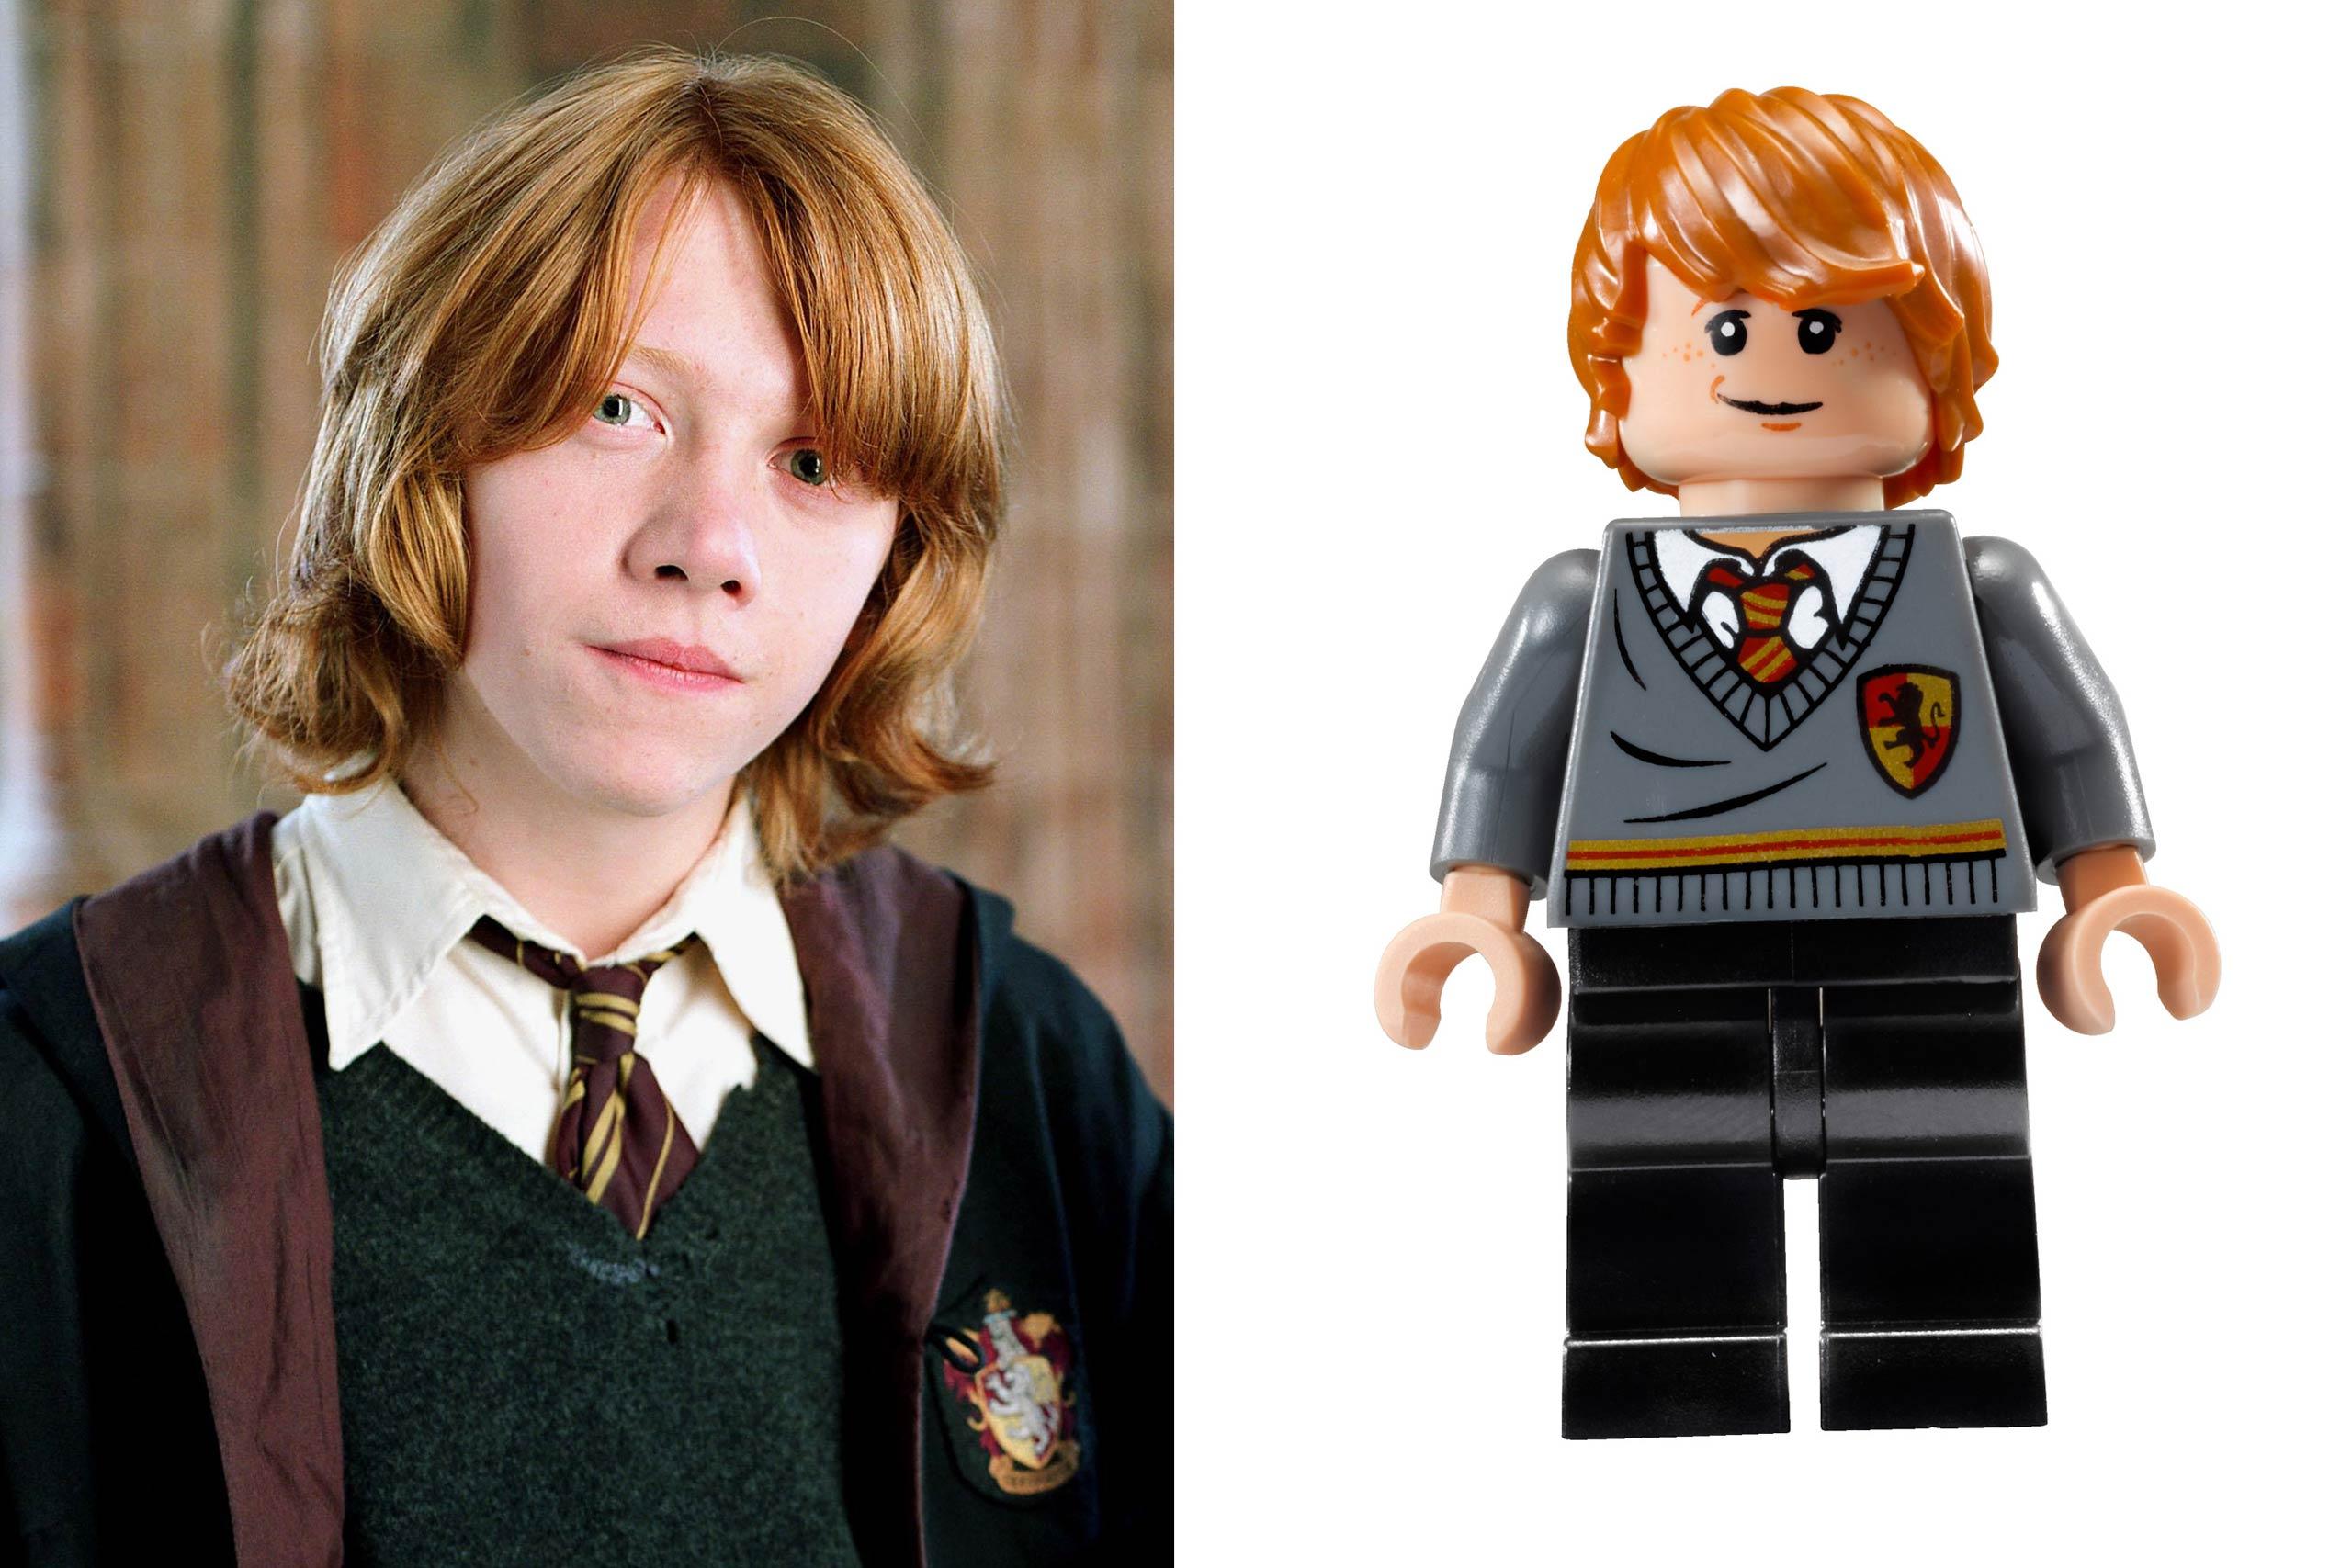 <strong>Rupert Grint: Ron Weasley</strong>